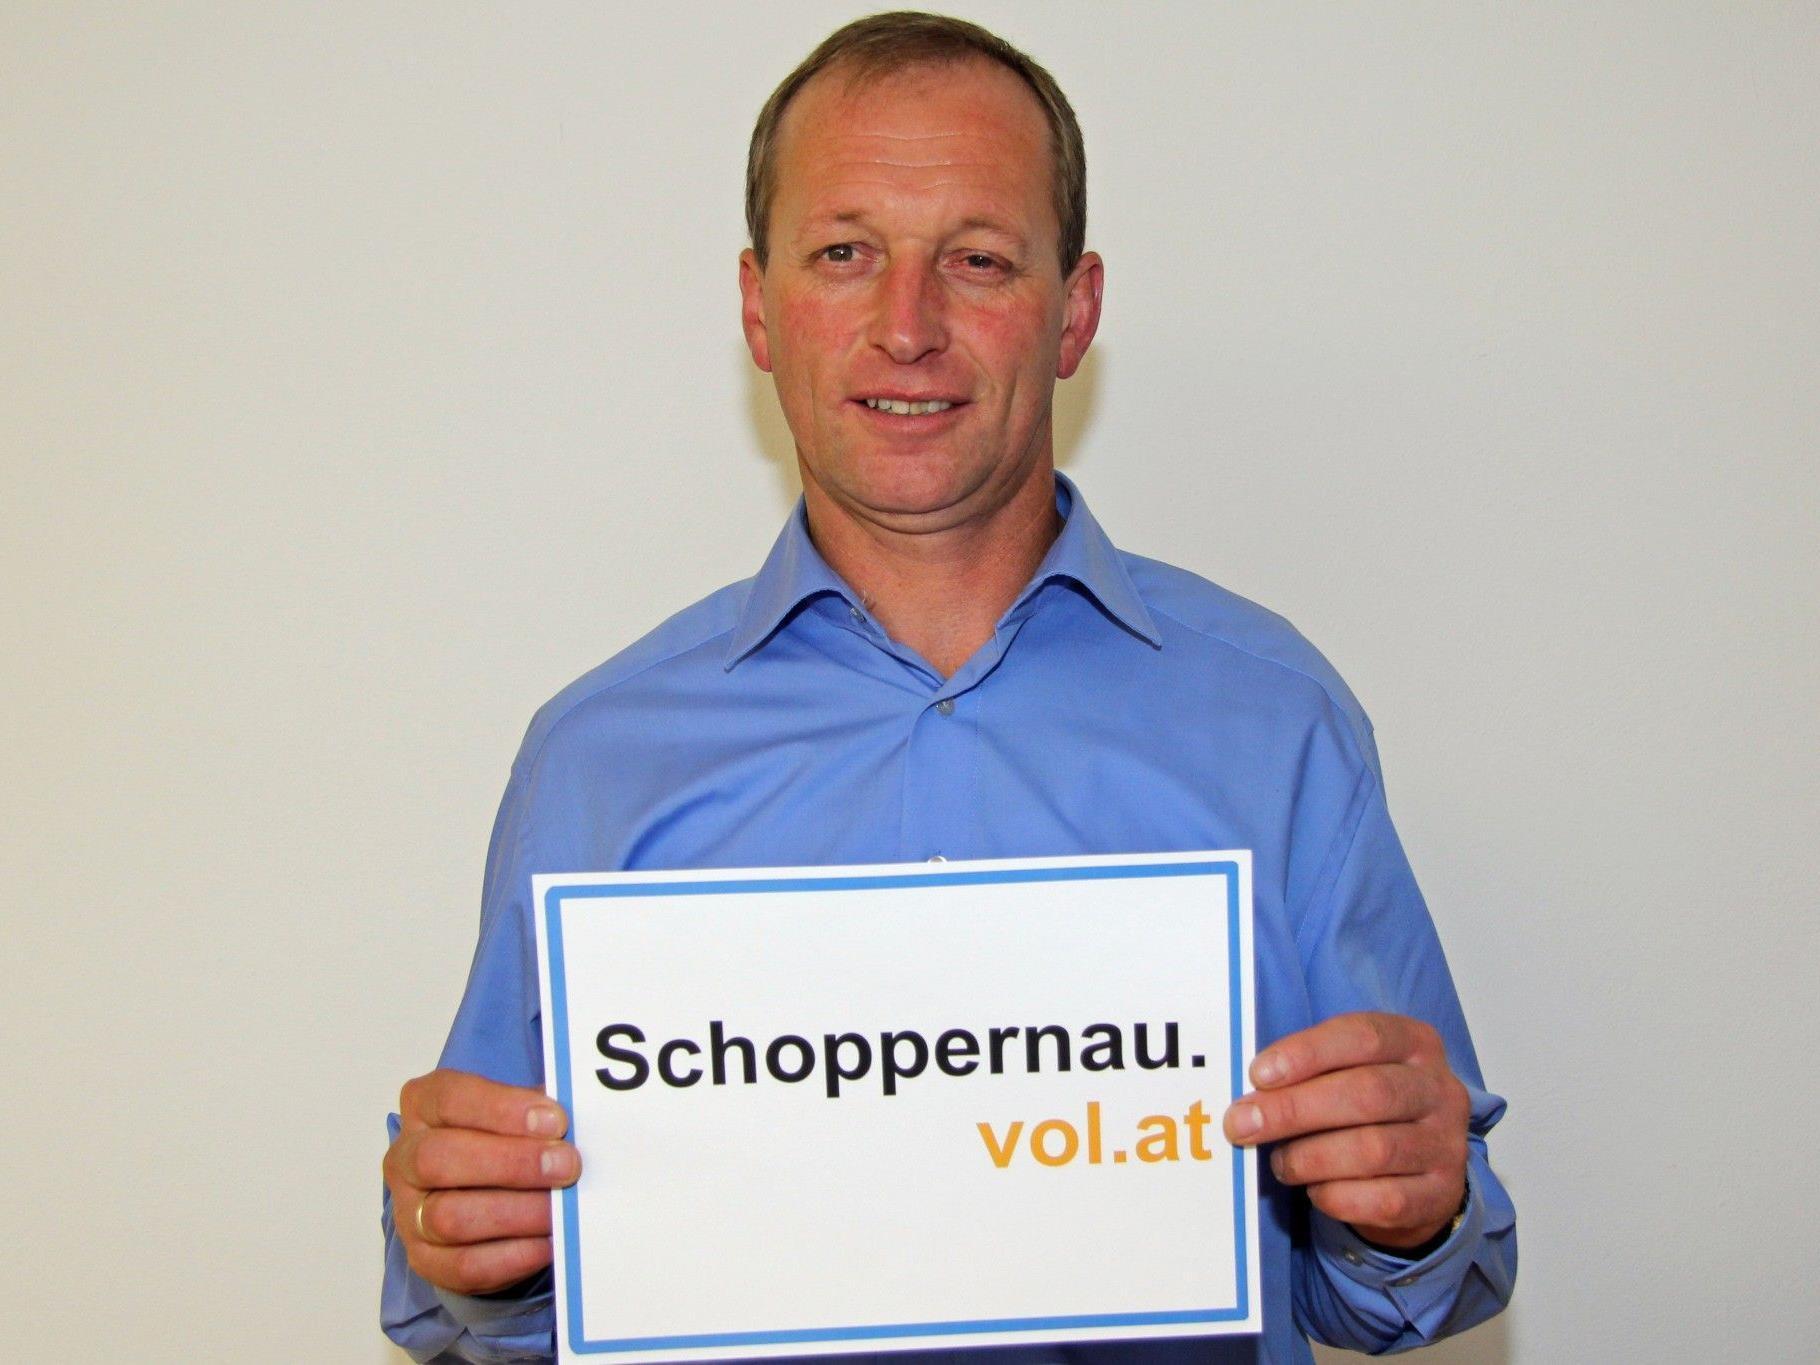 Walter Beer, Bürgermeister von Schoppernau, im Interview mit VOL.AT